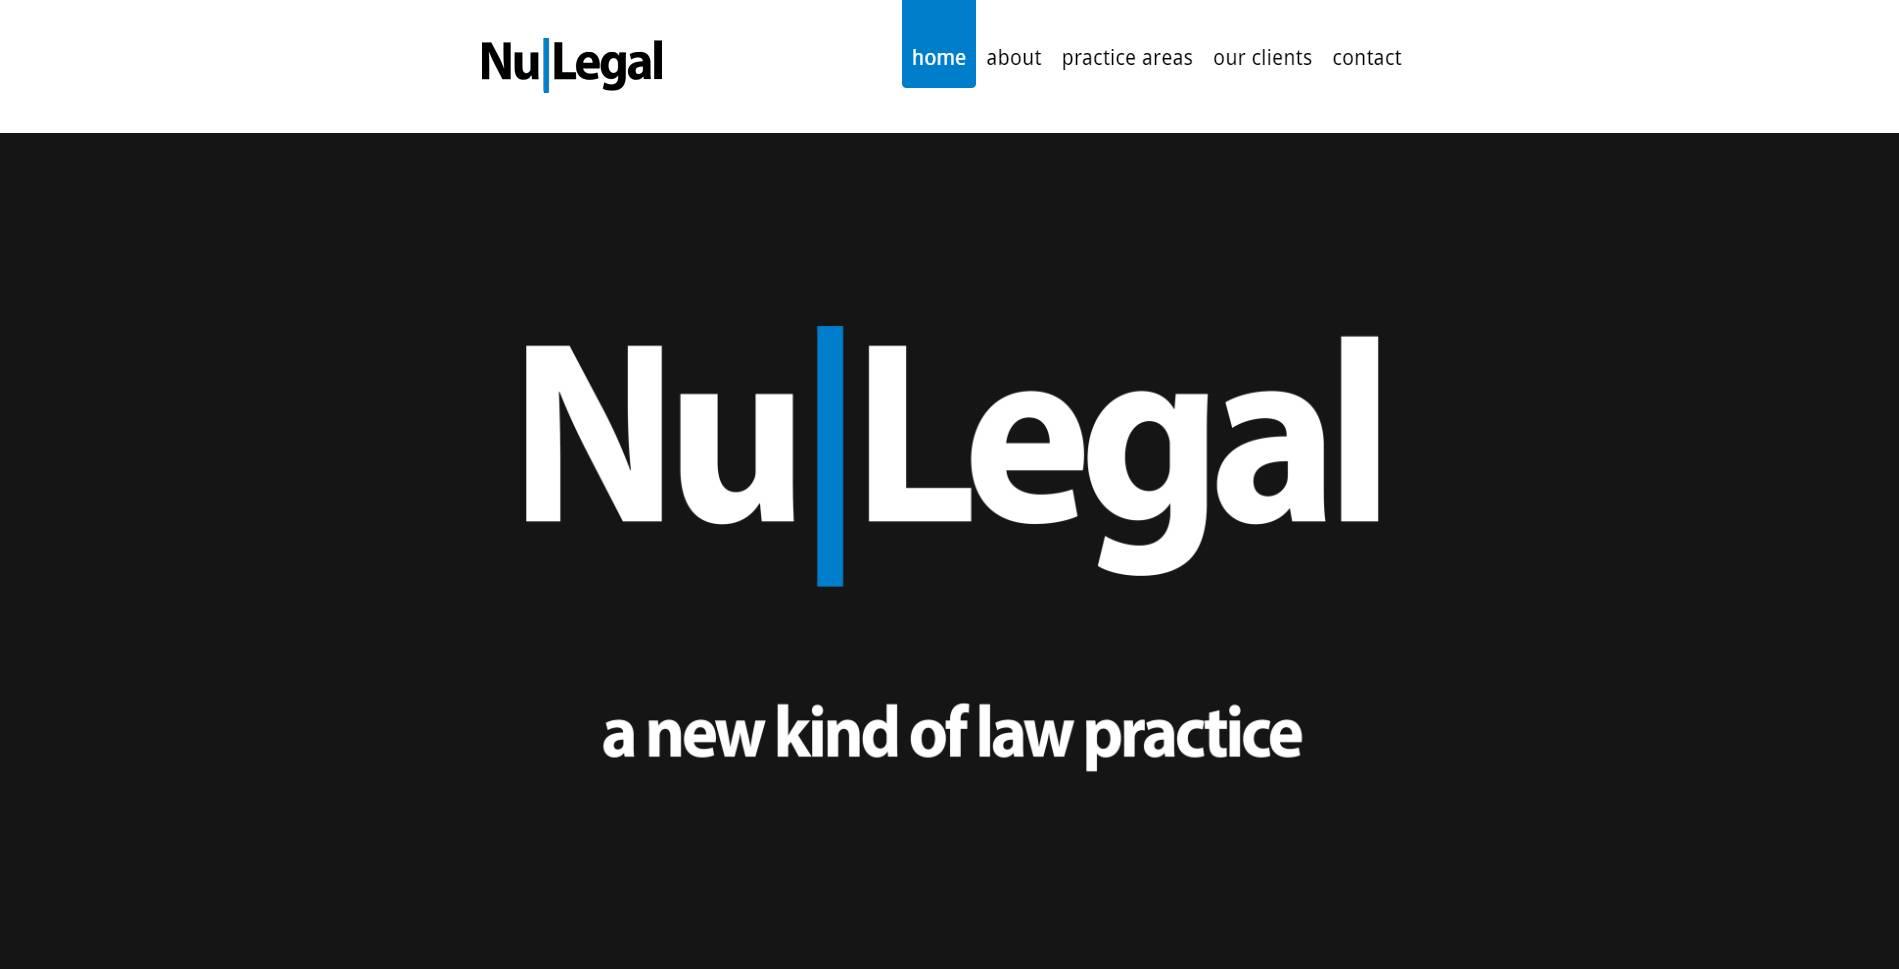 Nu Legal